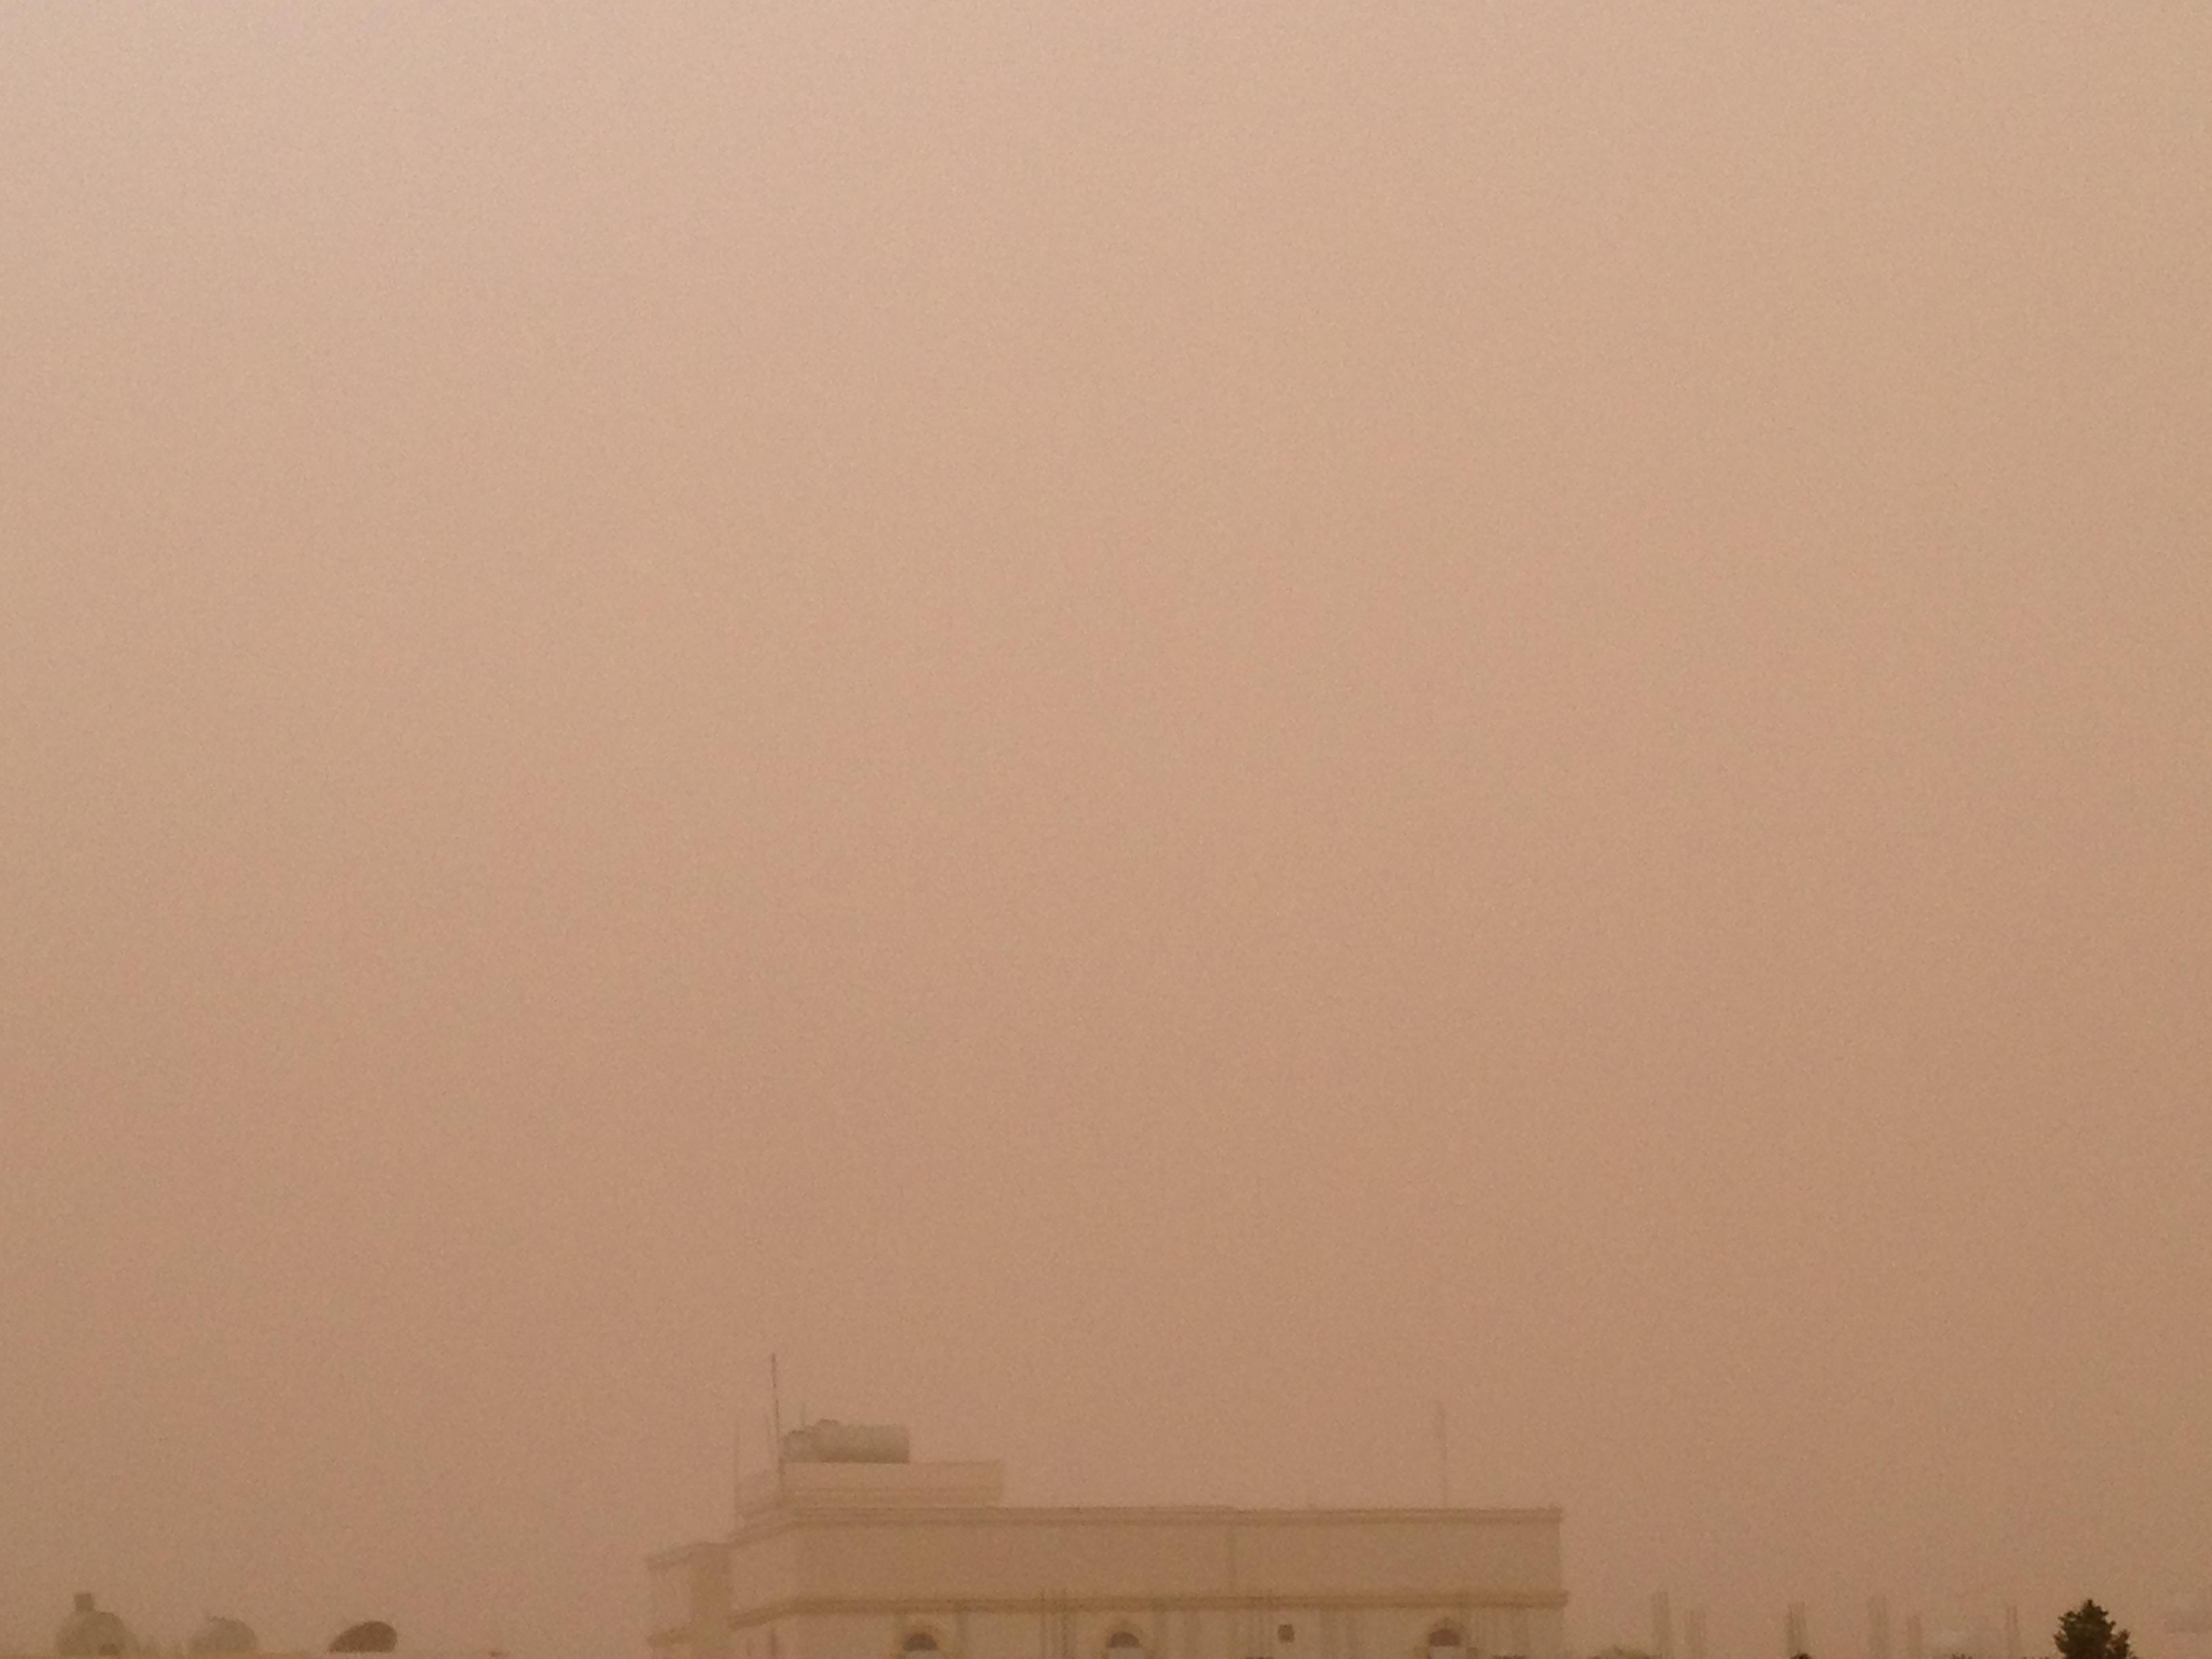 صور رياح و غبار وعواصف الجوف اليوم 26-6-1435